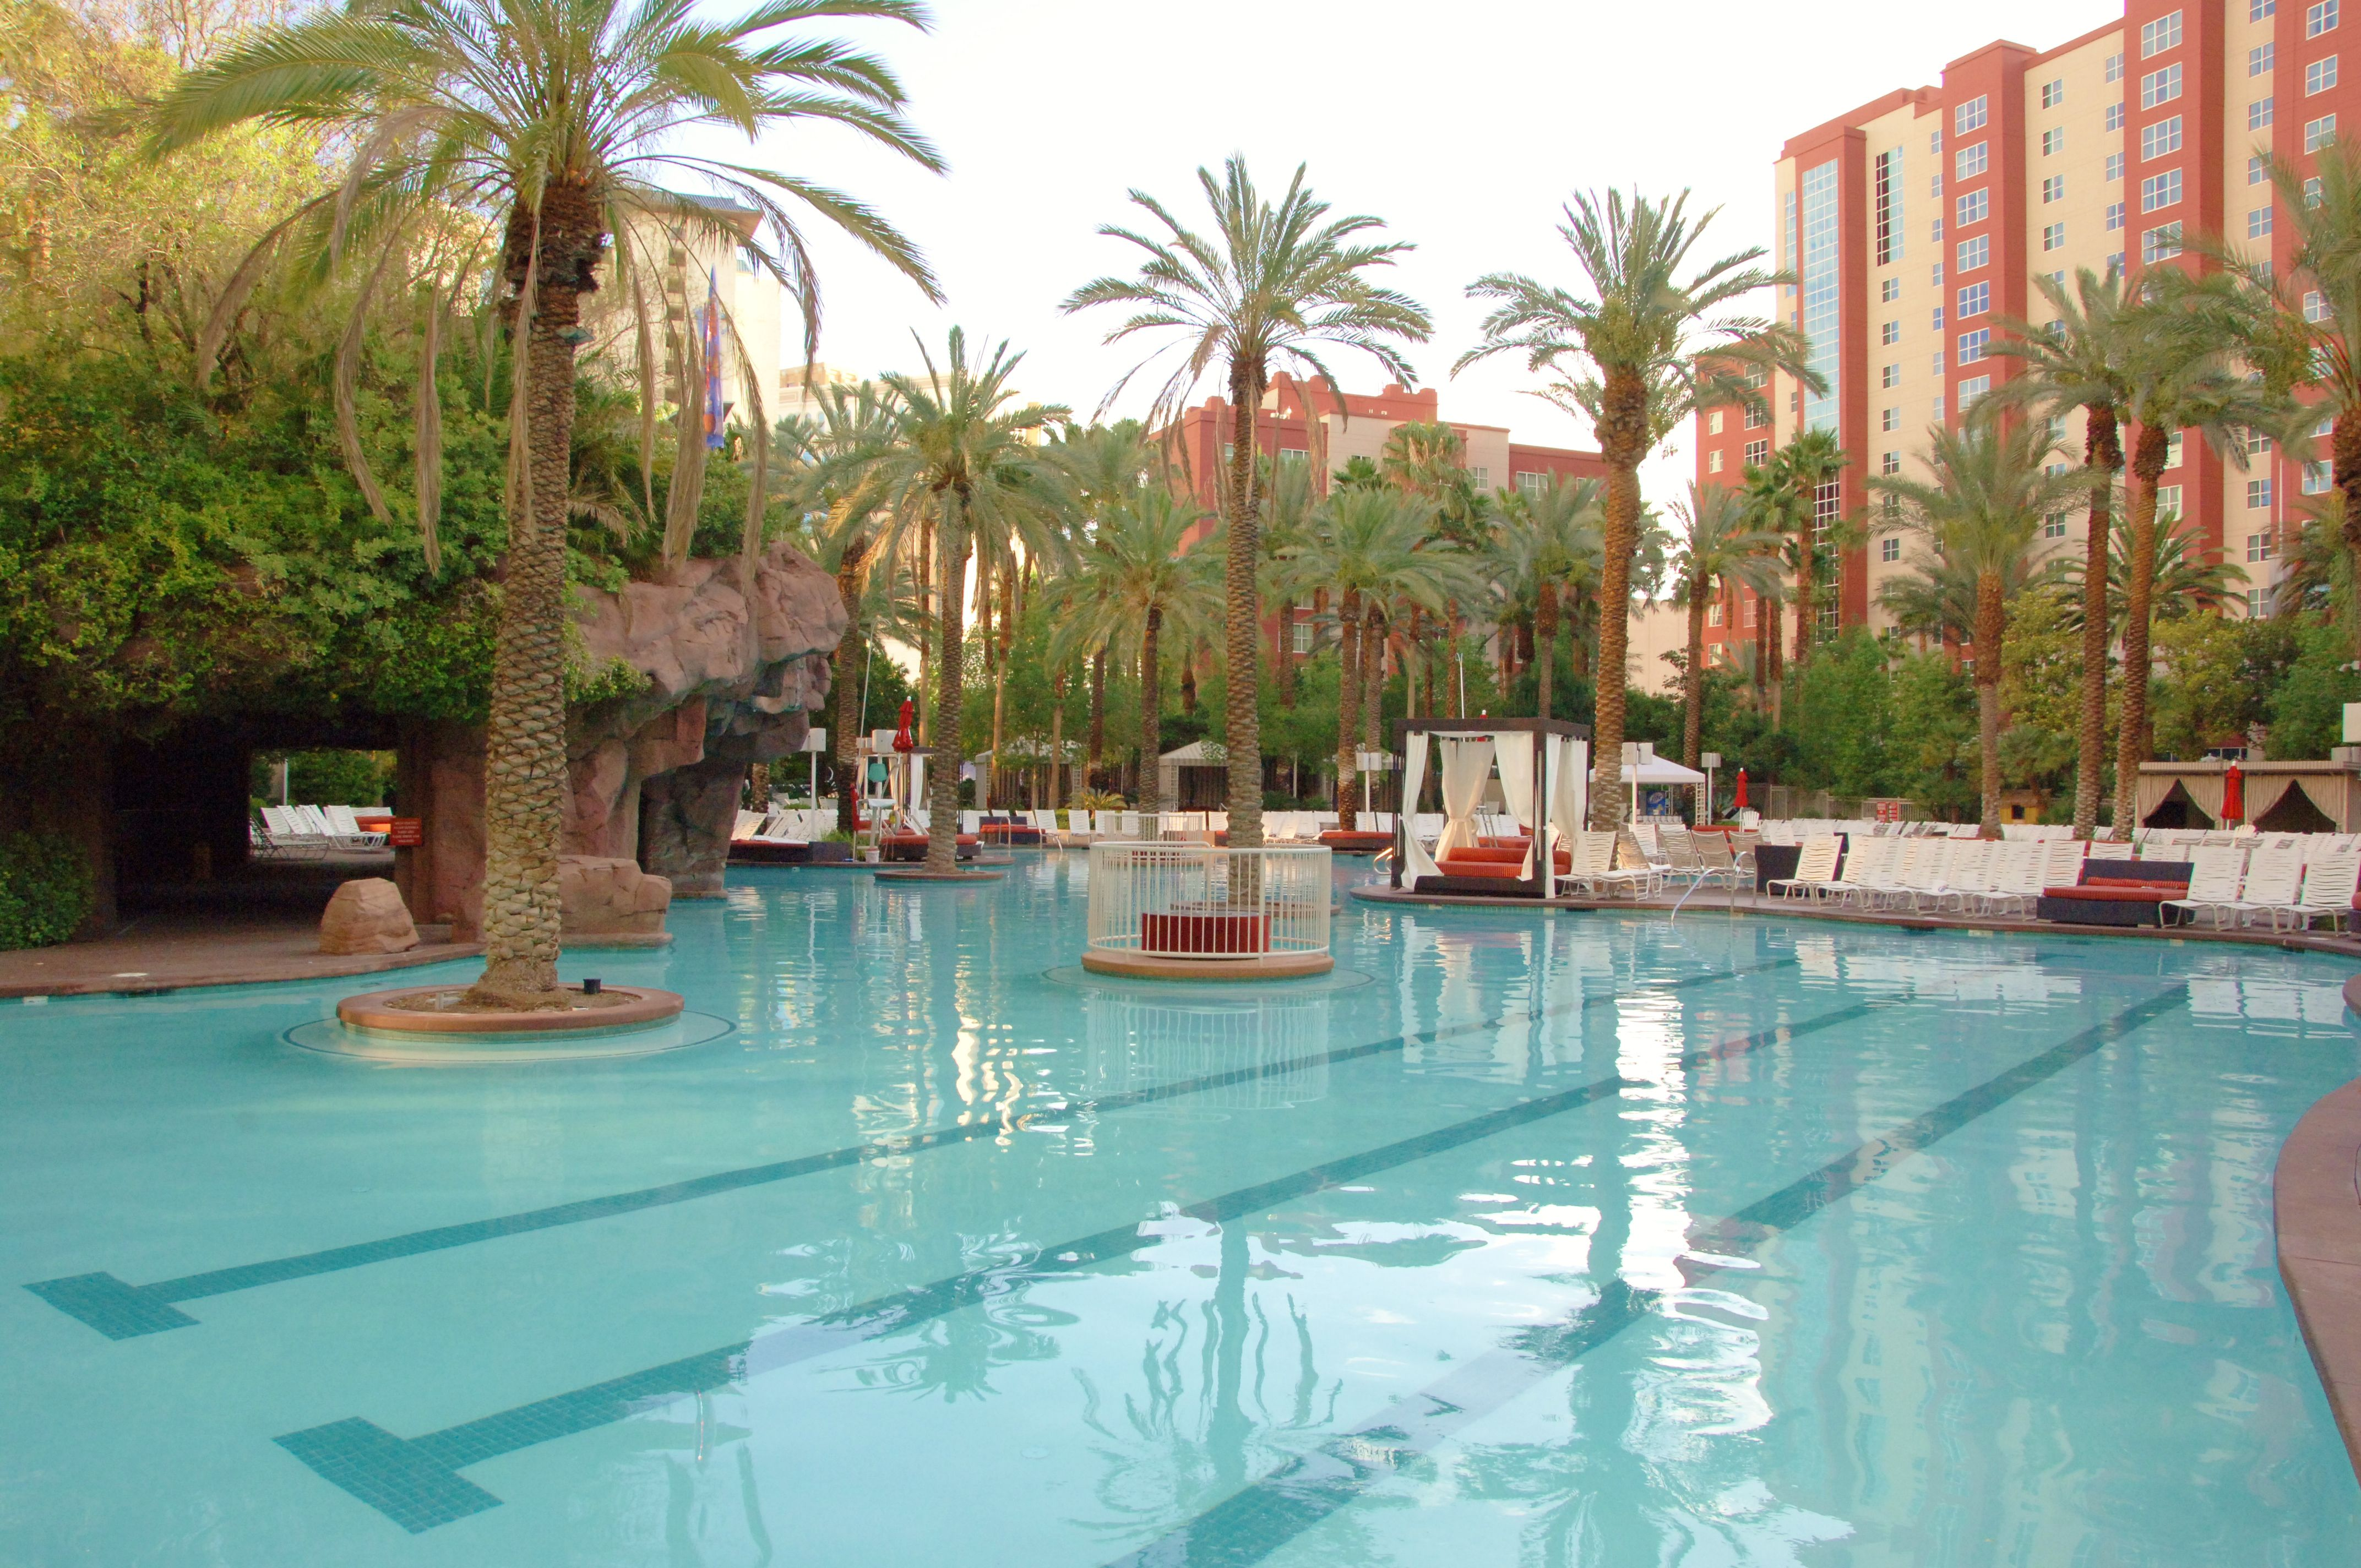 The Go Pool en el Flamingo Las Vegas